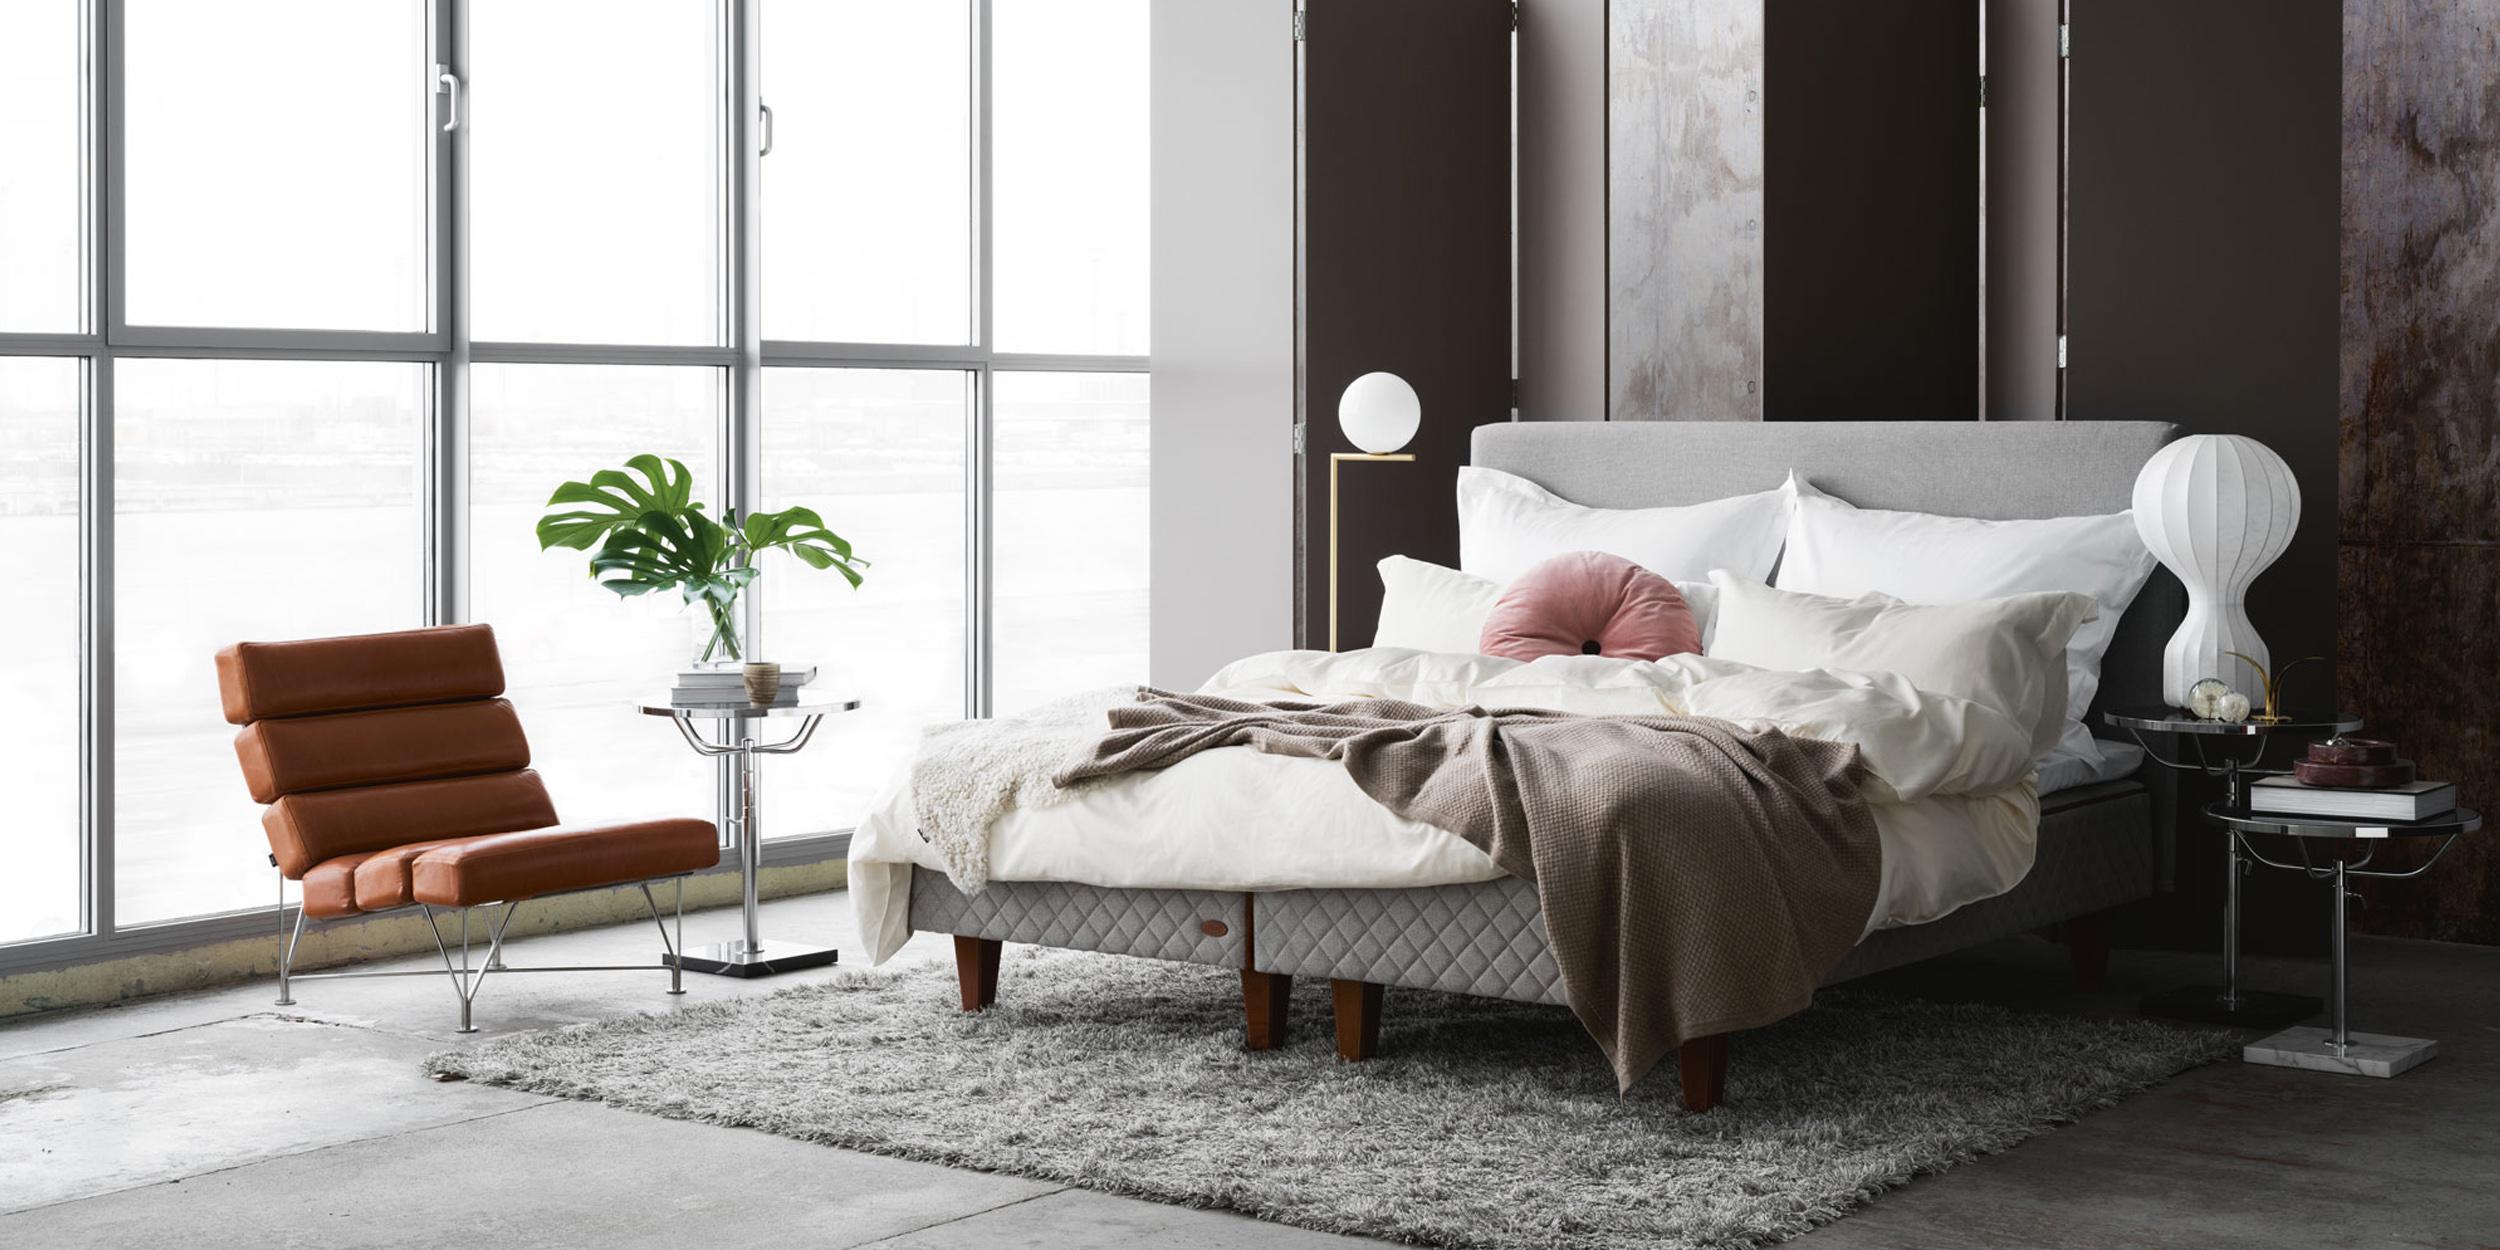 Nytt Duxiana - Spesialbutikk for DUX senger, madrasser og møbler. WO-23